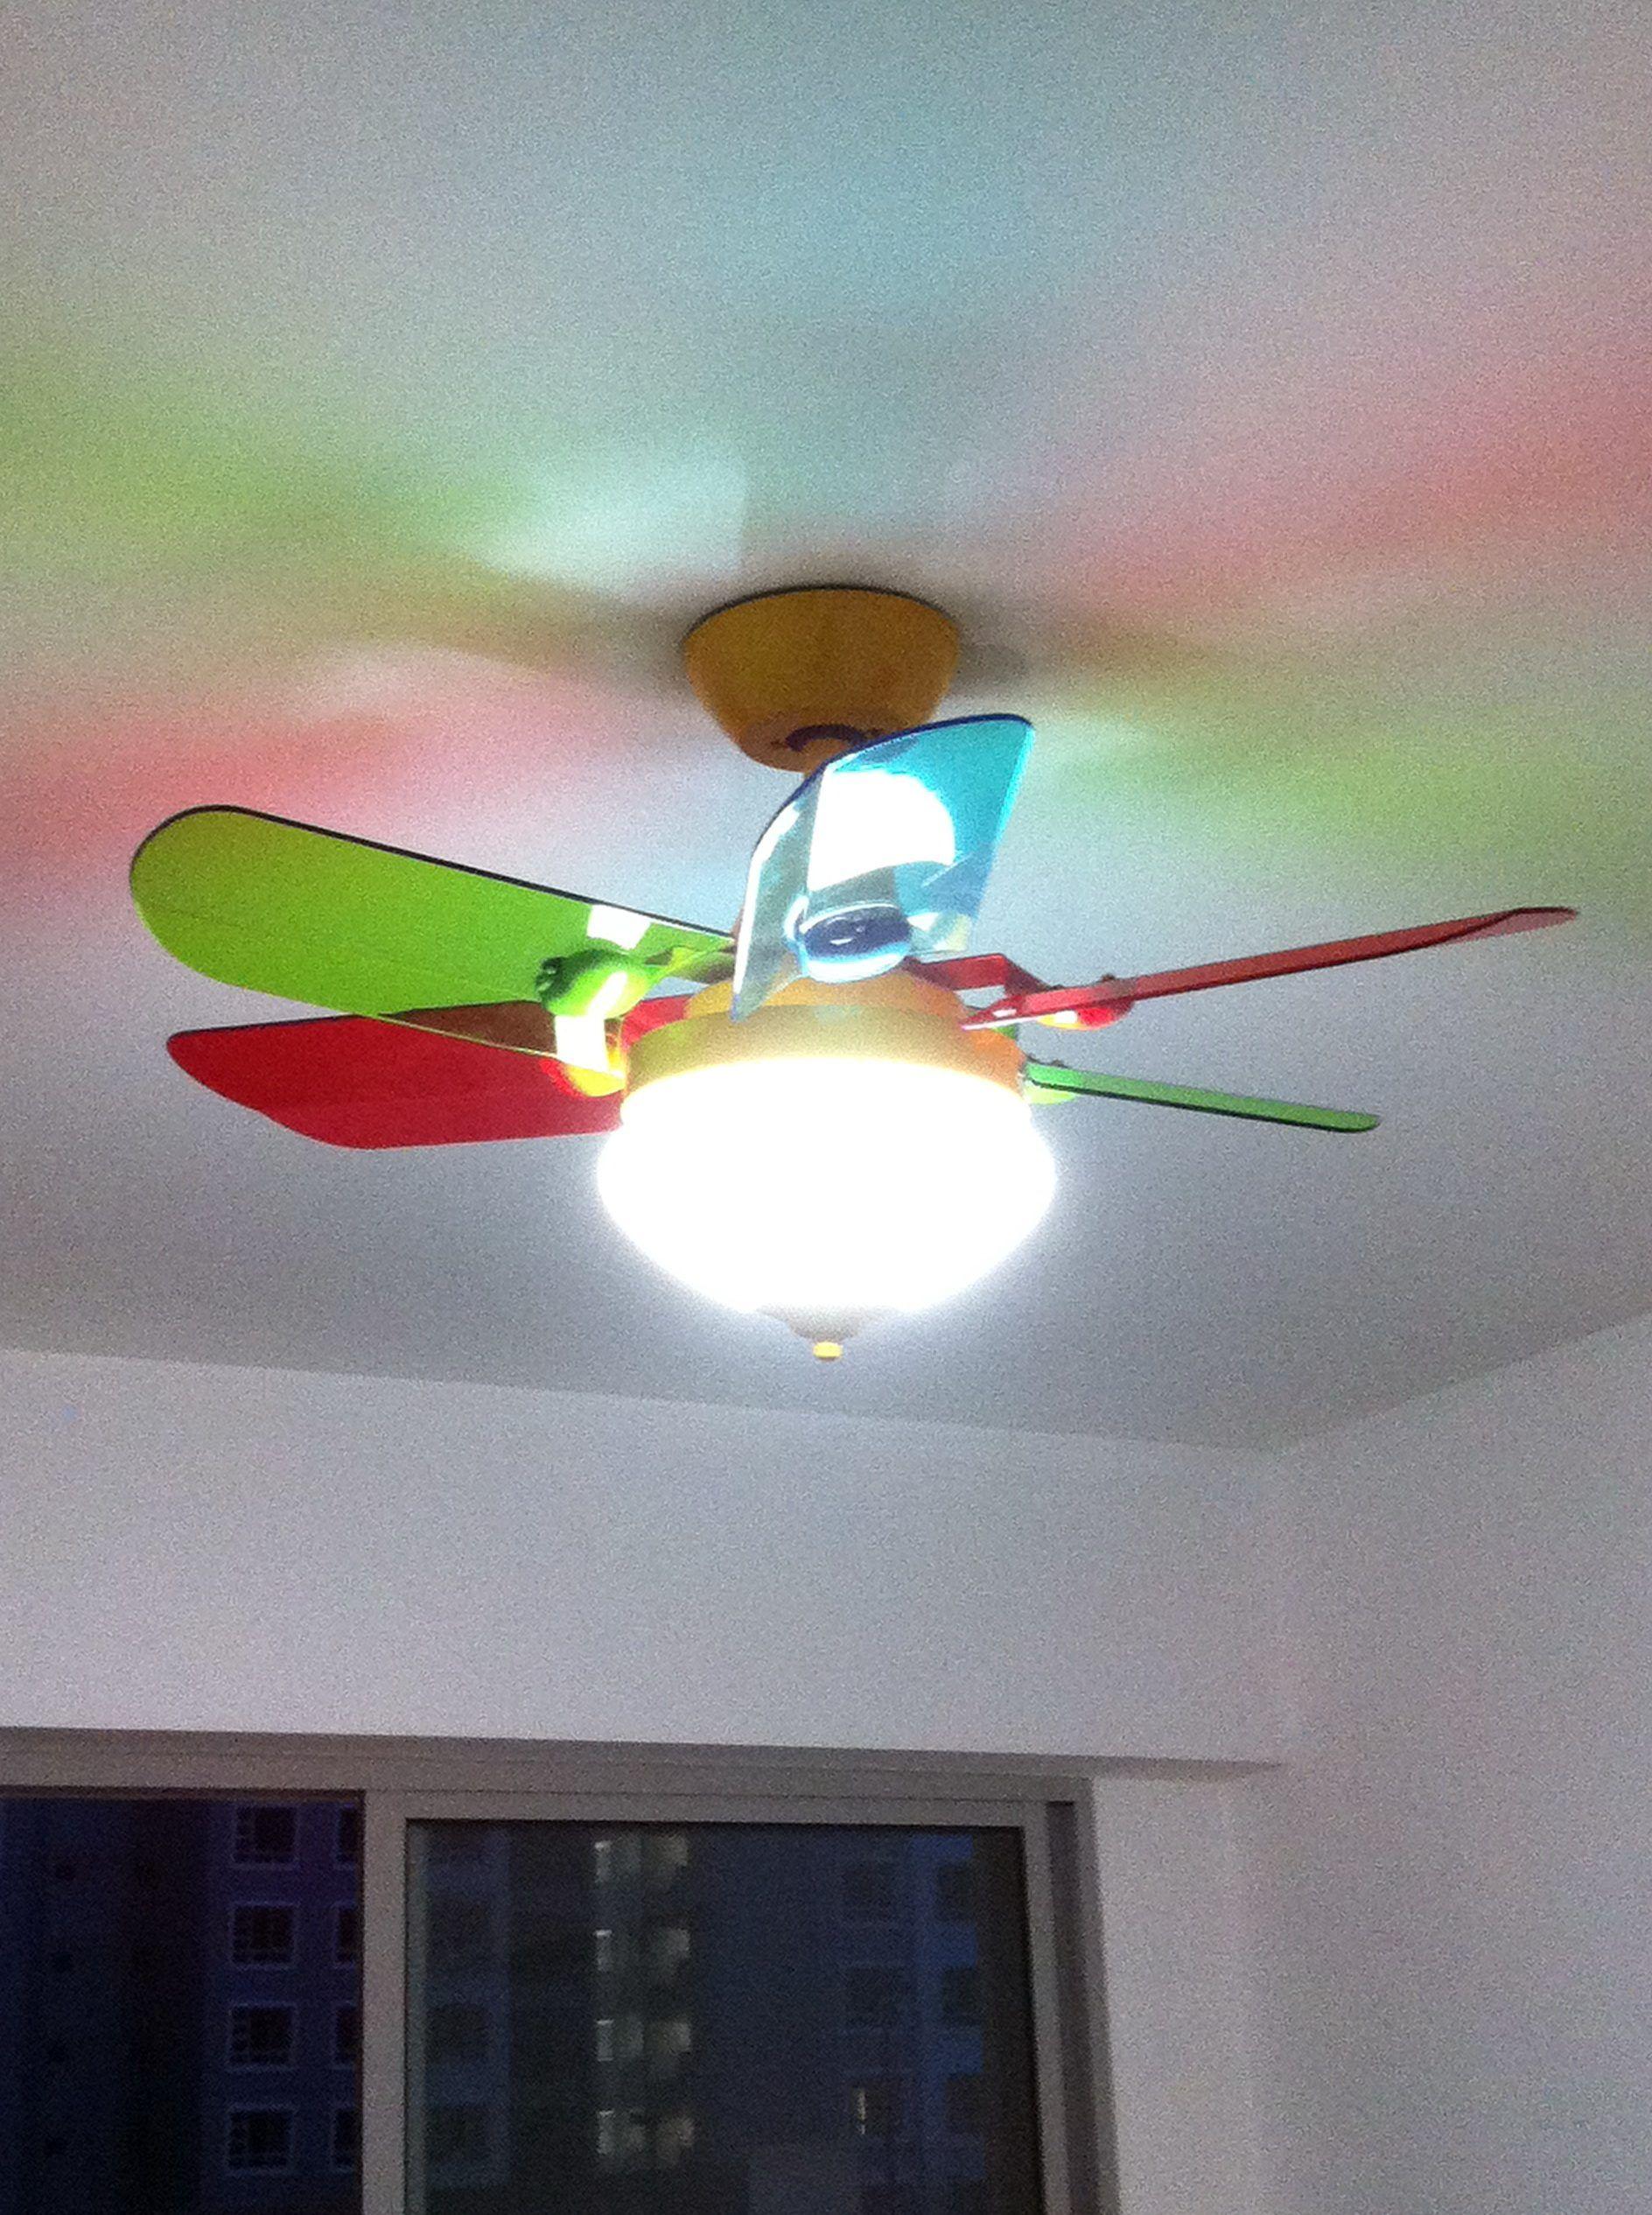 Kinder Decken Ventilatoren Mit Licht  Kindermobel.info